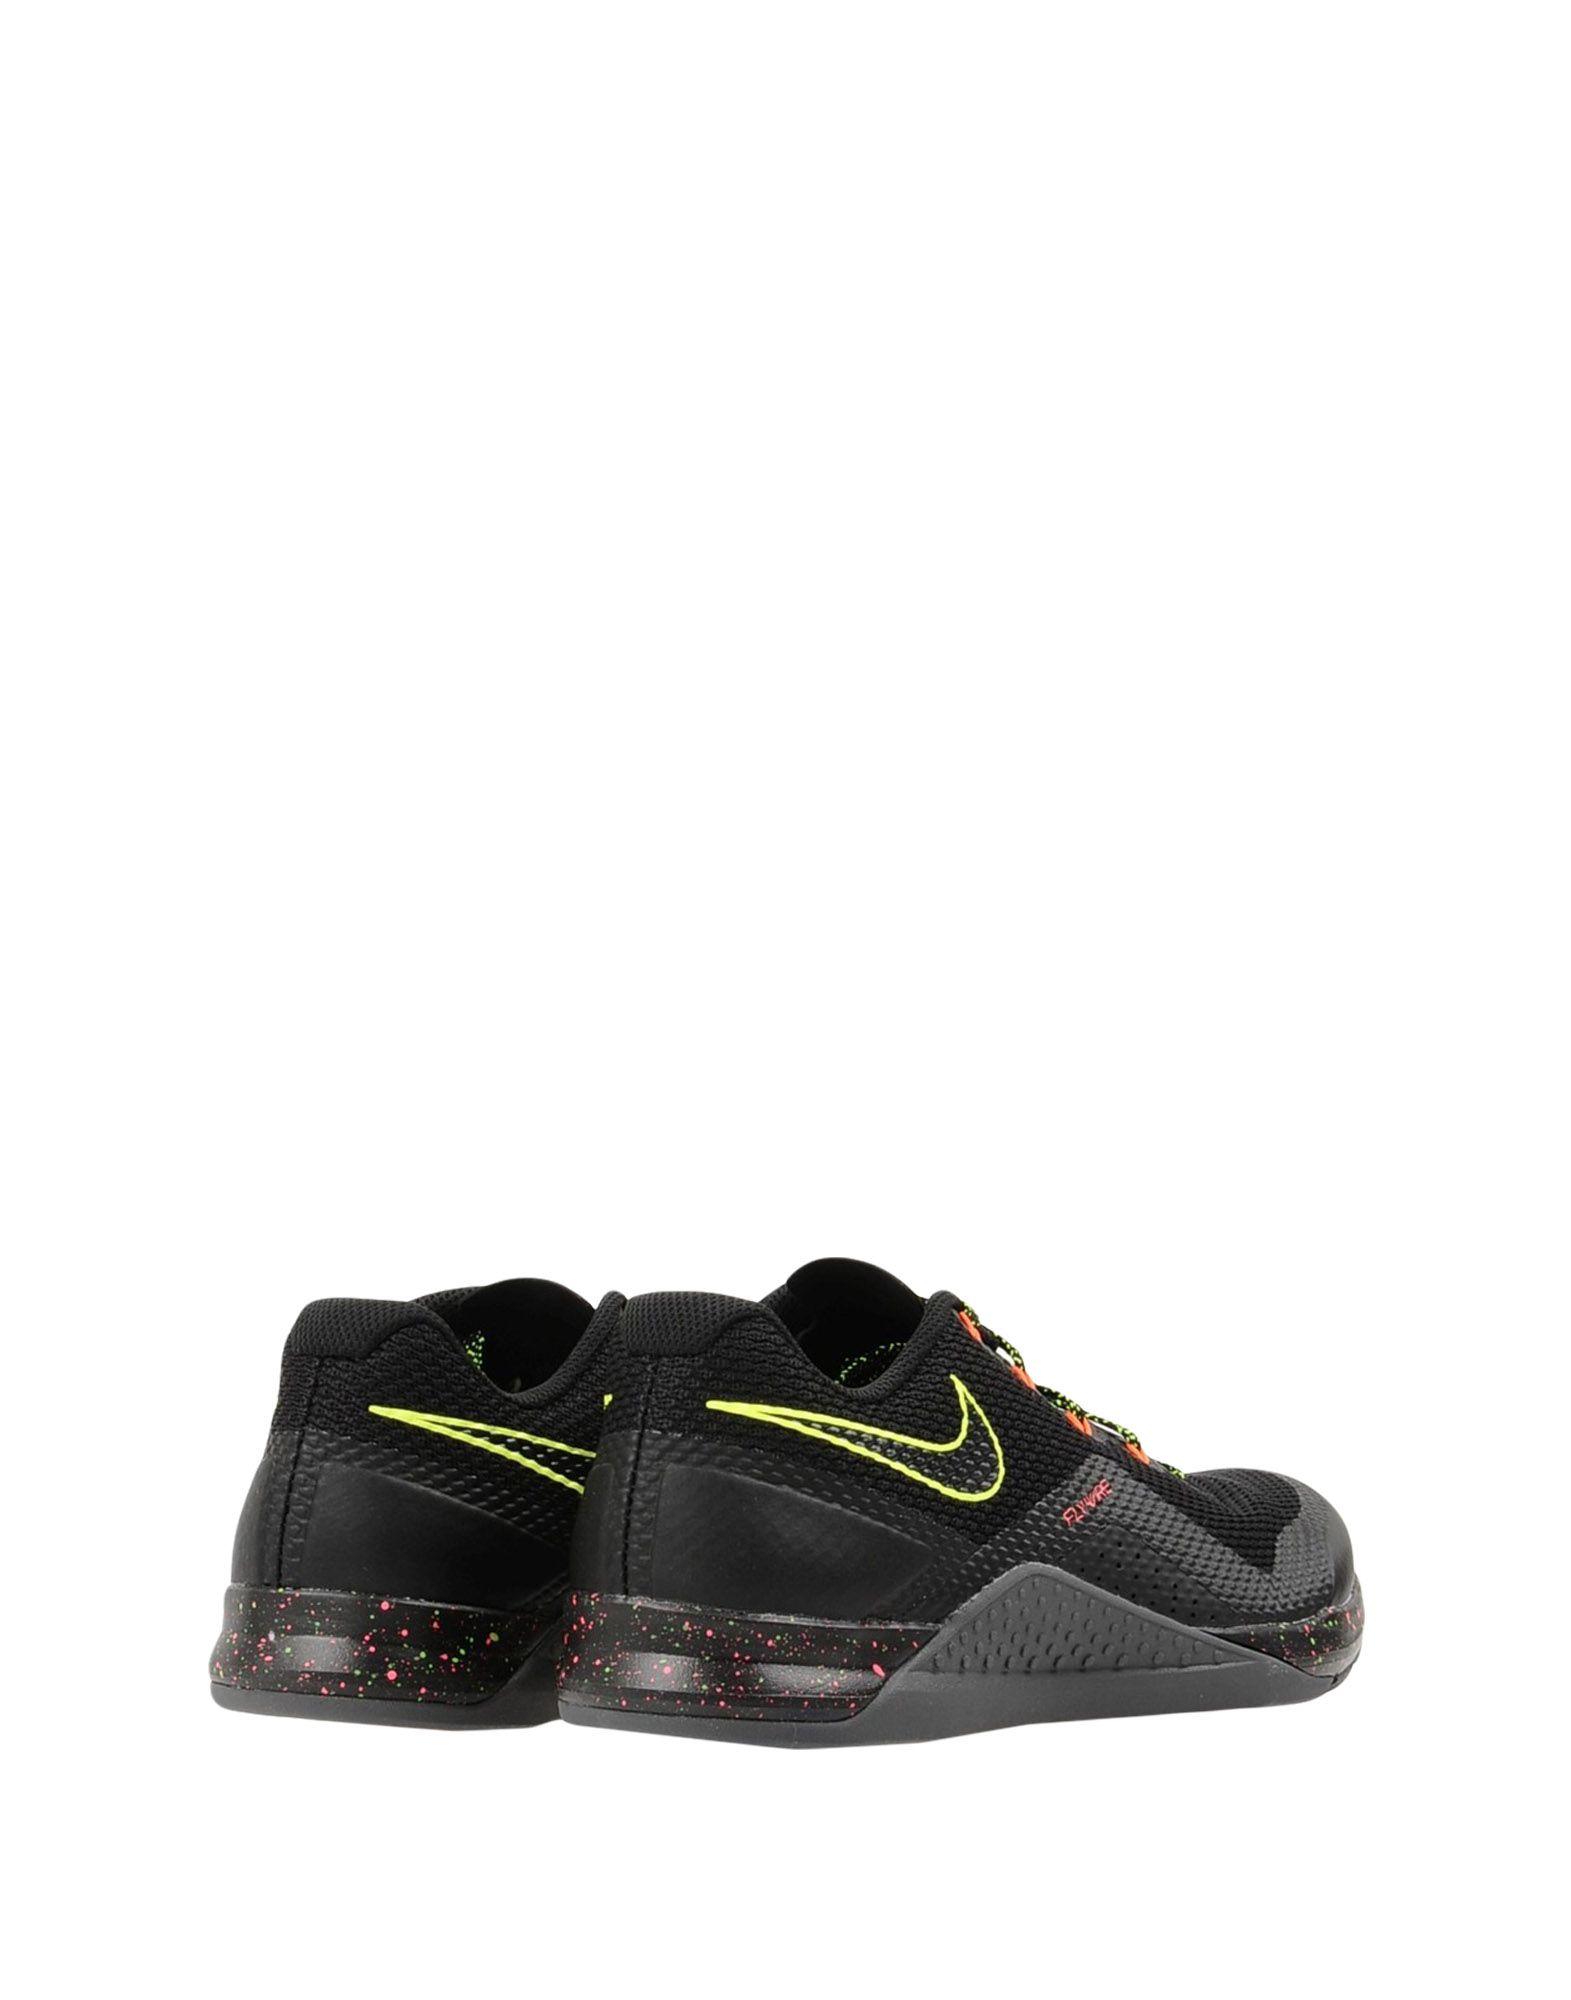 Nike   Metcon Gute Repper Dsx  11382954KI Gute Metcon Qualität beliebte Schuhe 9dc847